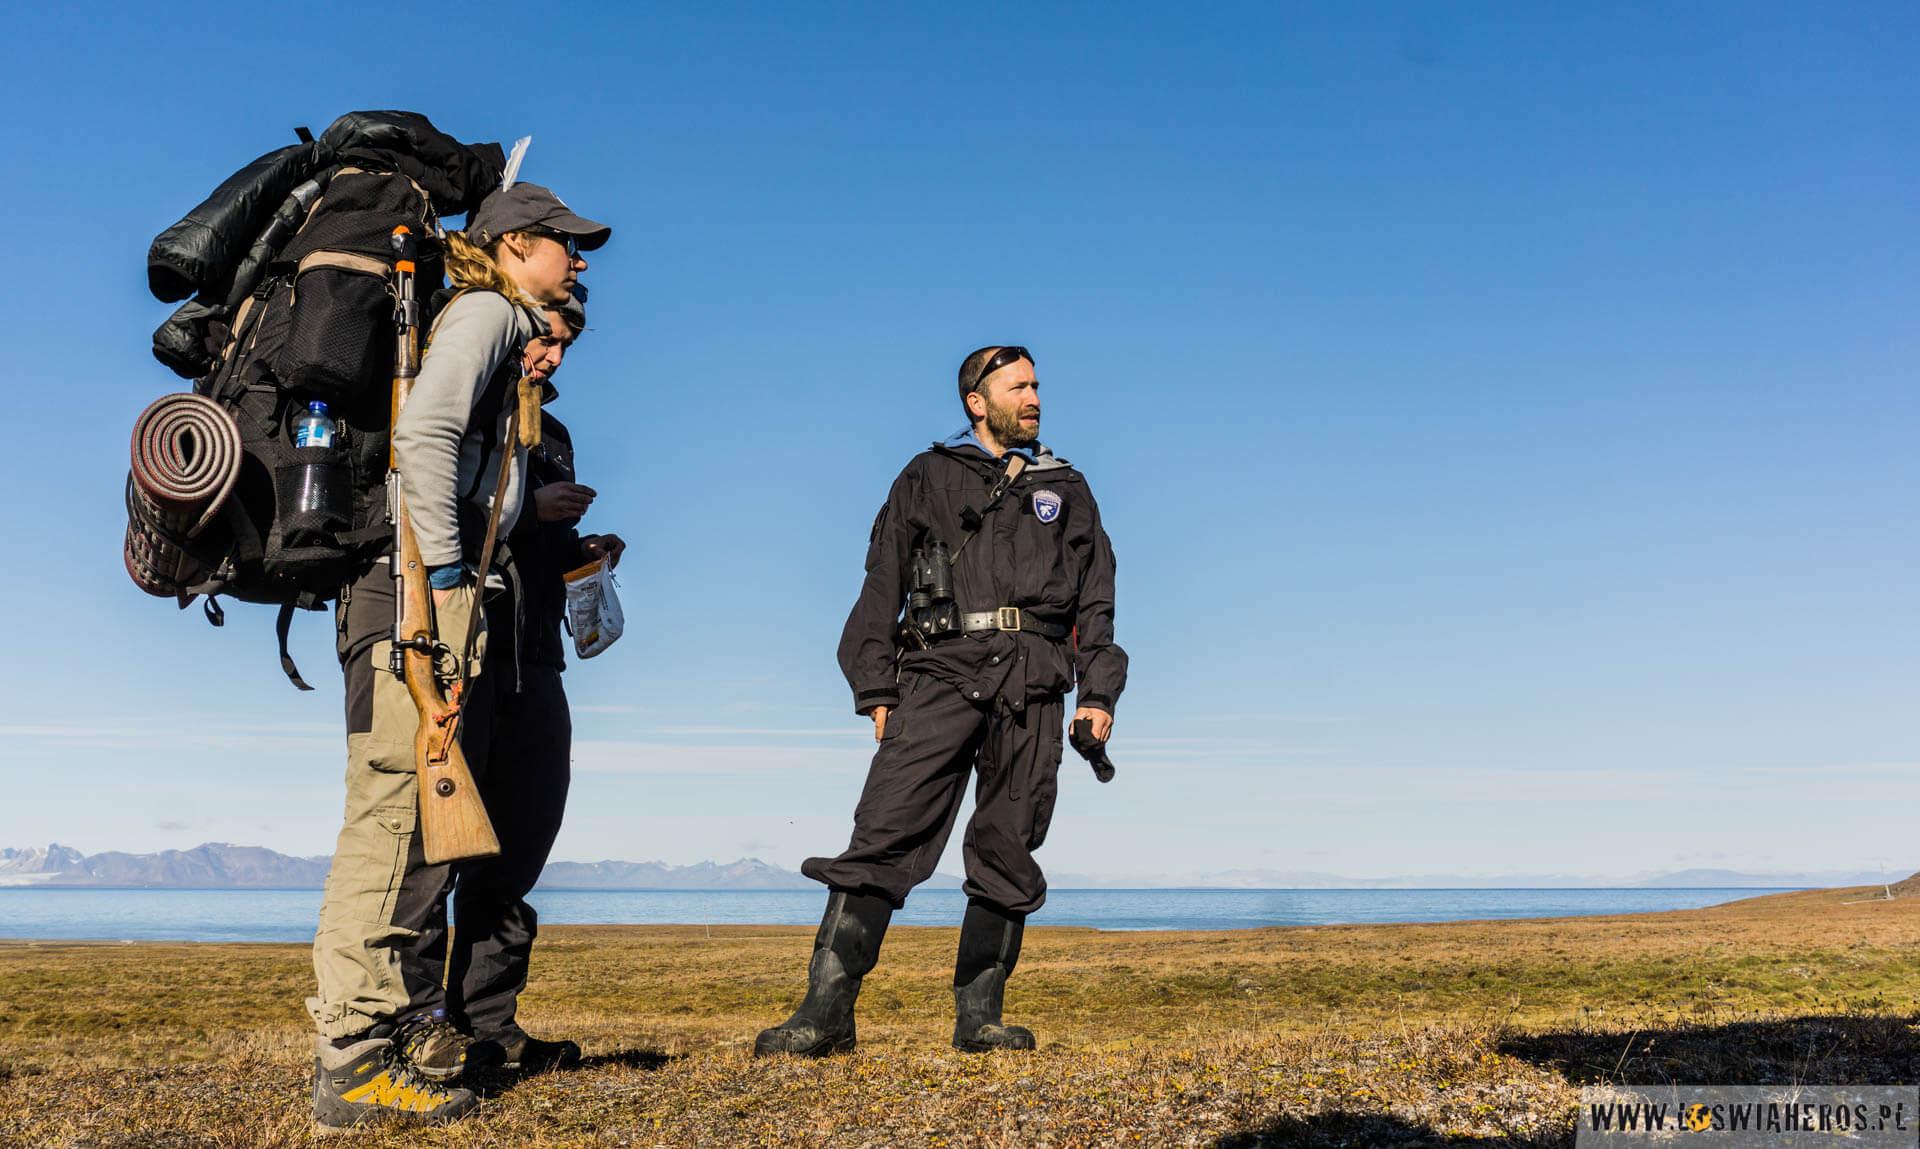 Rutynowa kontrola naszej grupy przez strażnika Svalbardu.